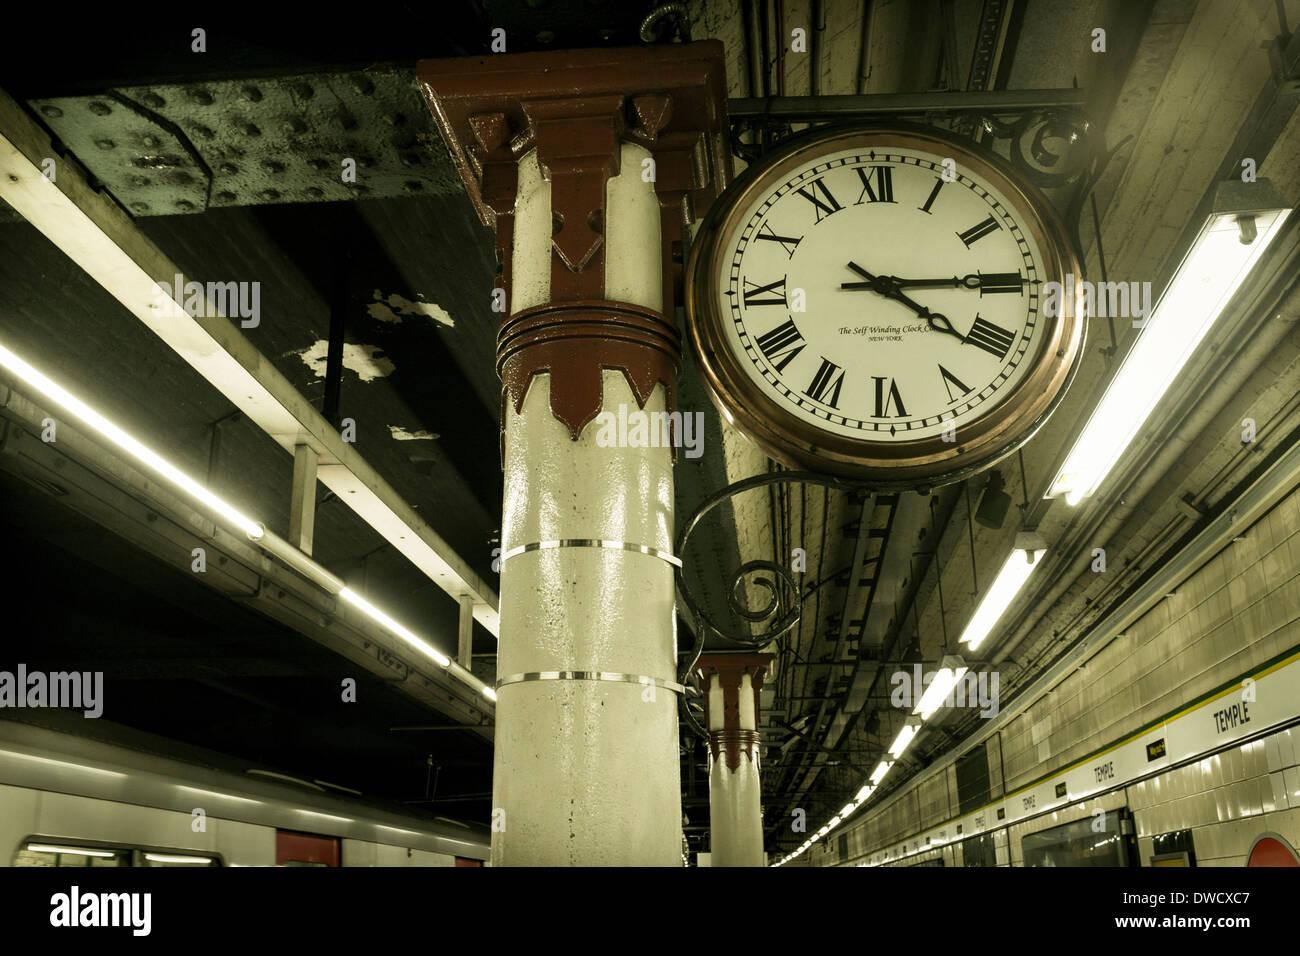 Platform clock,  Temple Underground station, London, UK - Stock Image